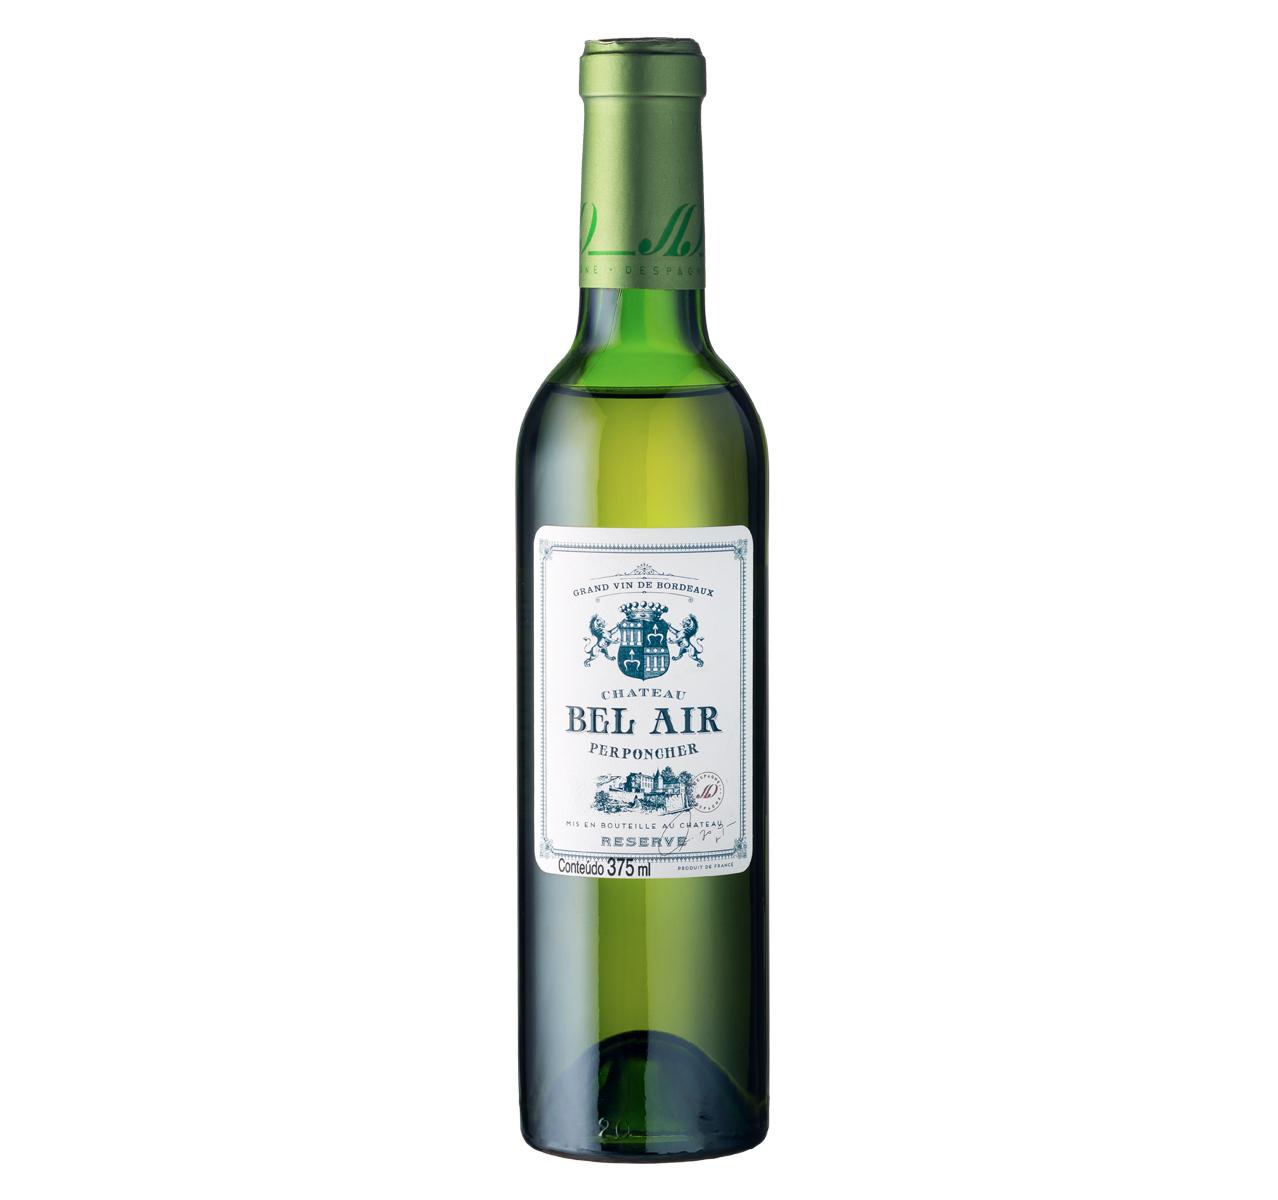 Château Bel Air Perponcher Branco 375ml